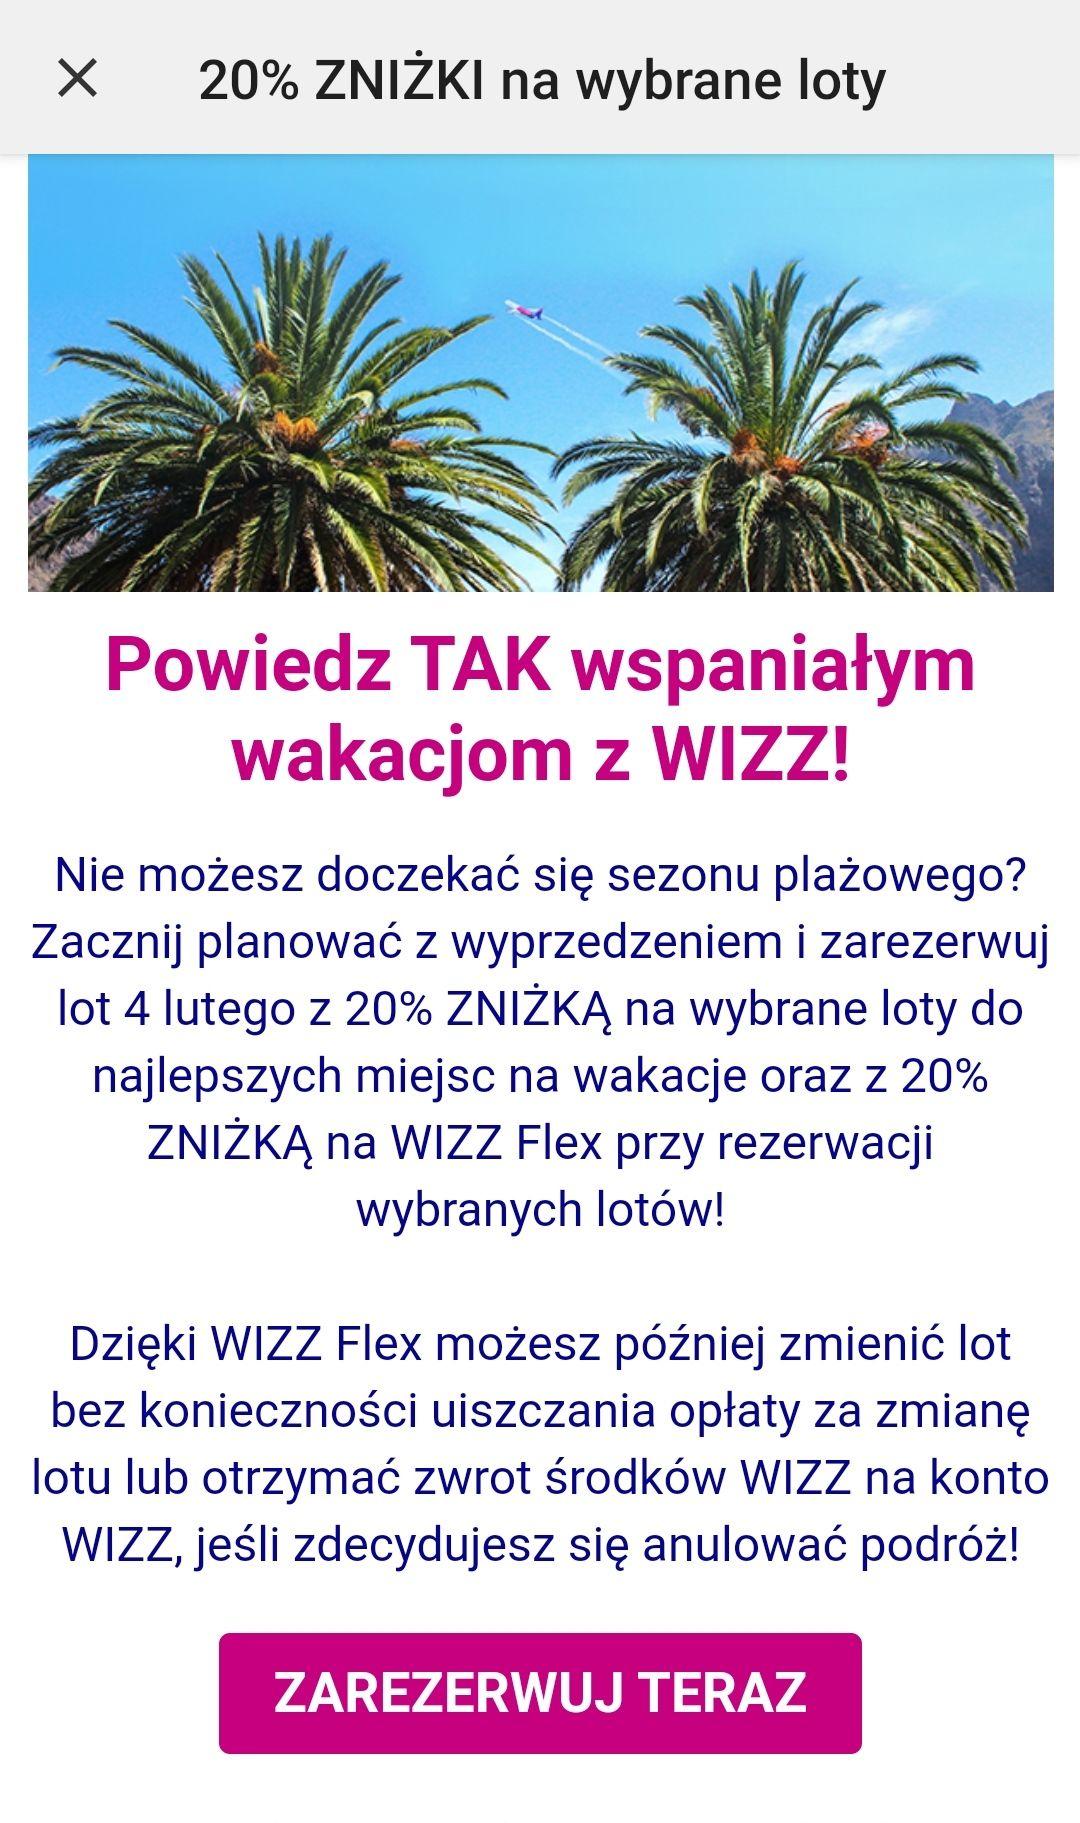 Zniżka 20% na wybrane loty Wizz air i 20% zniżki na Wizz Flex